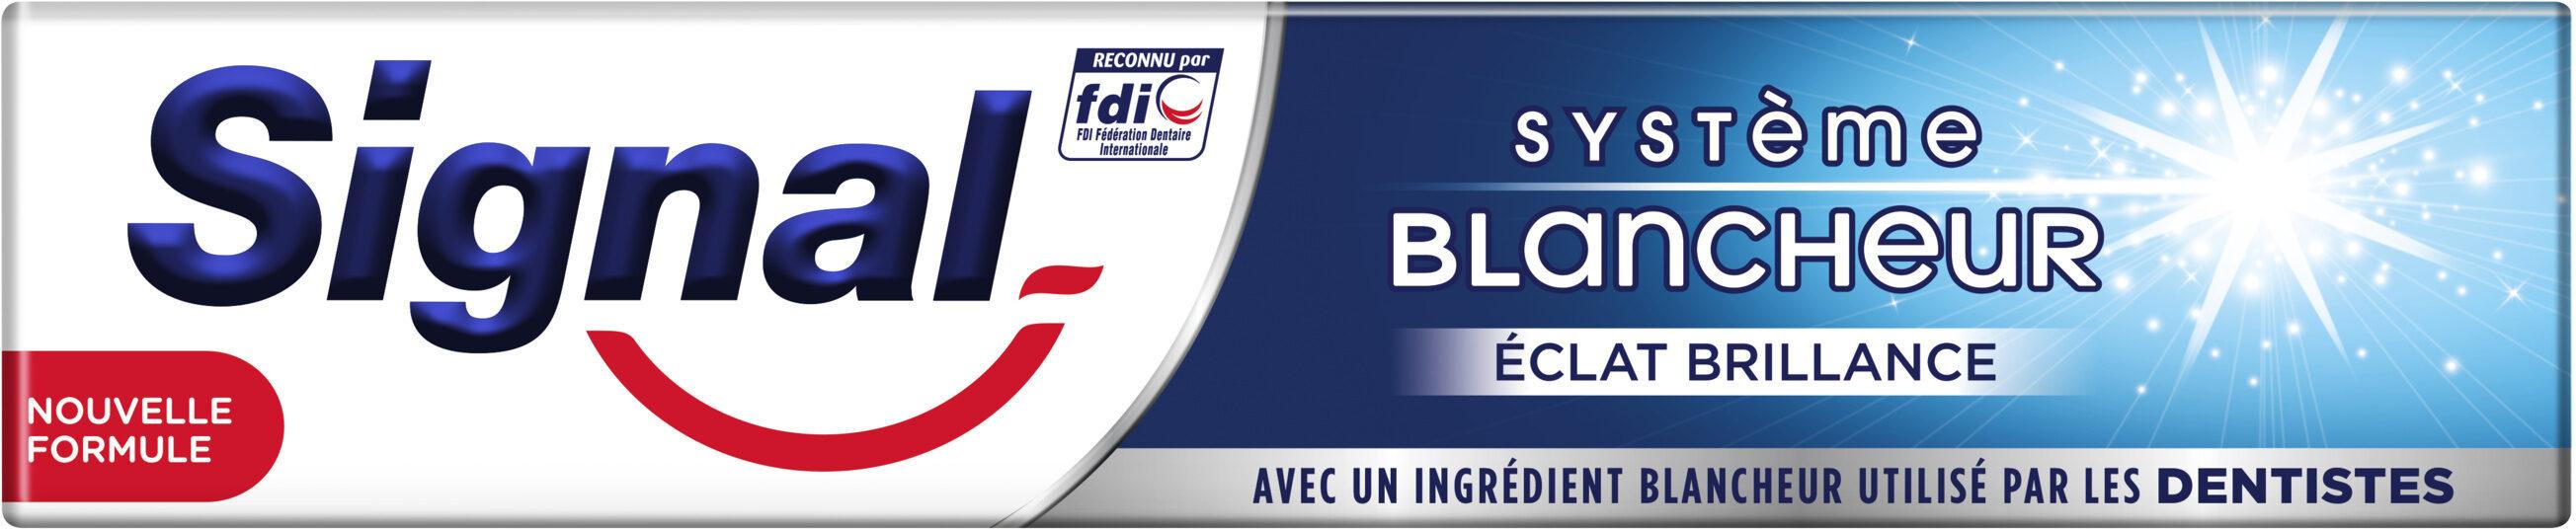 Signal Dentifrice Système Blancheur Éclat Brillance - Product - fr